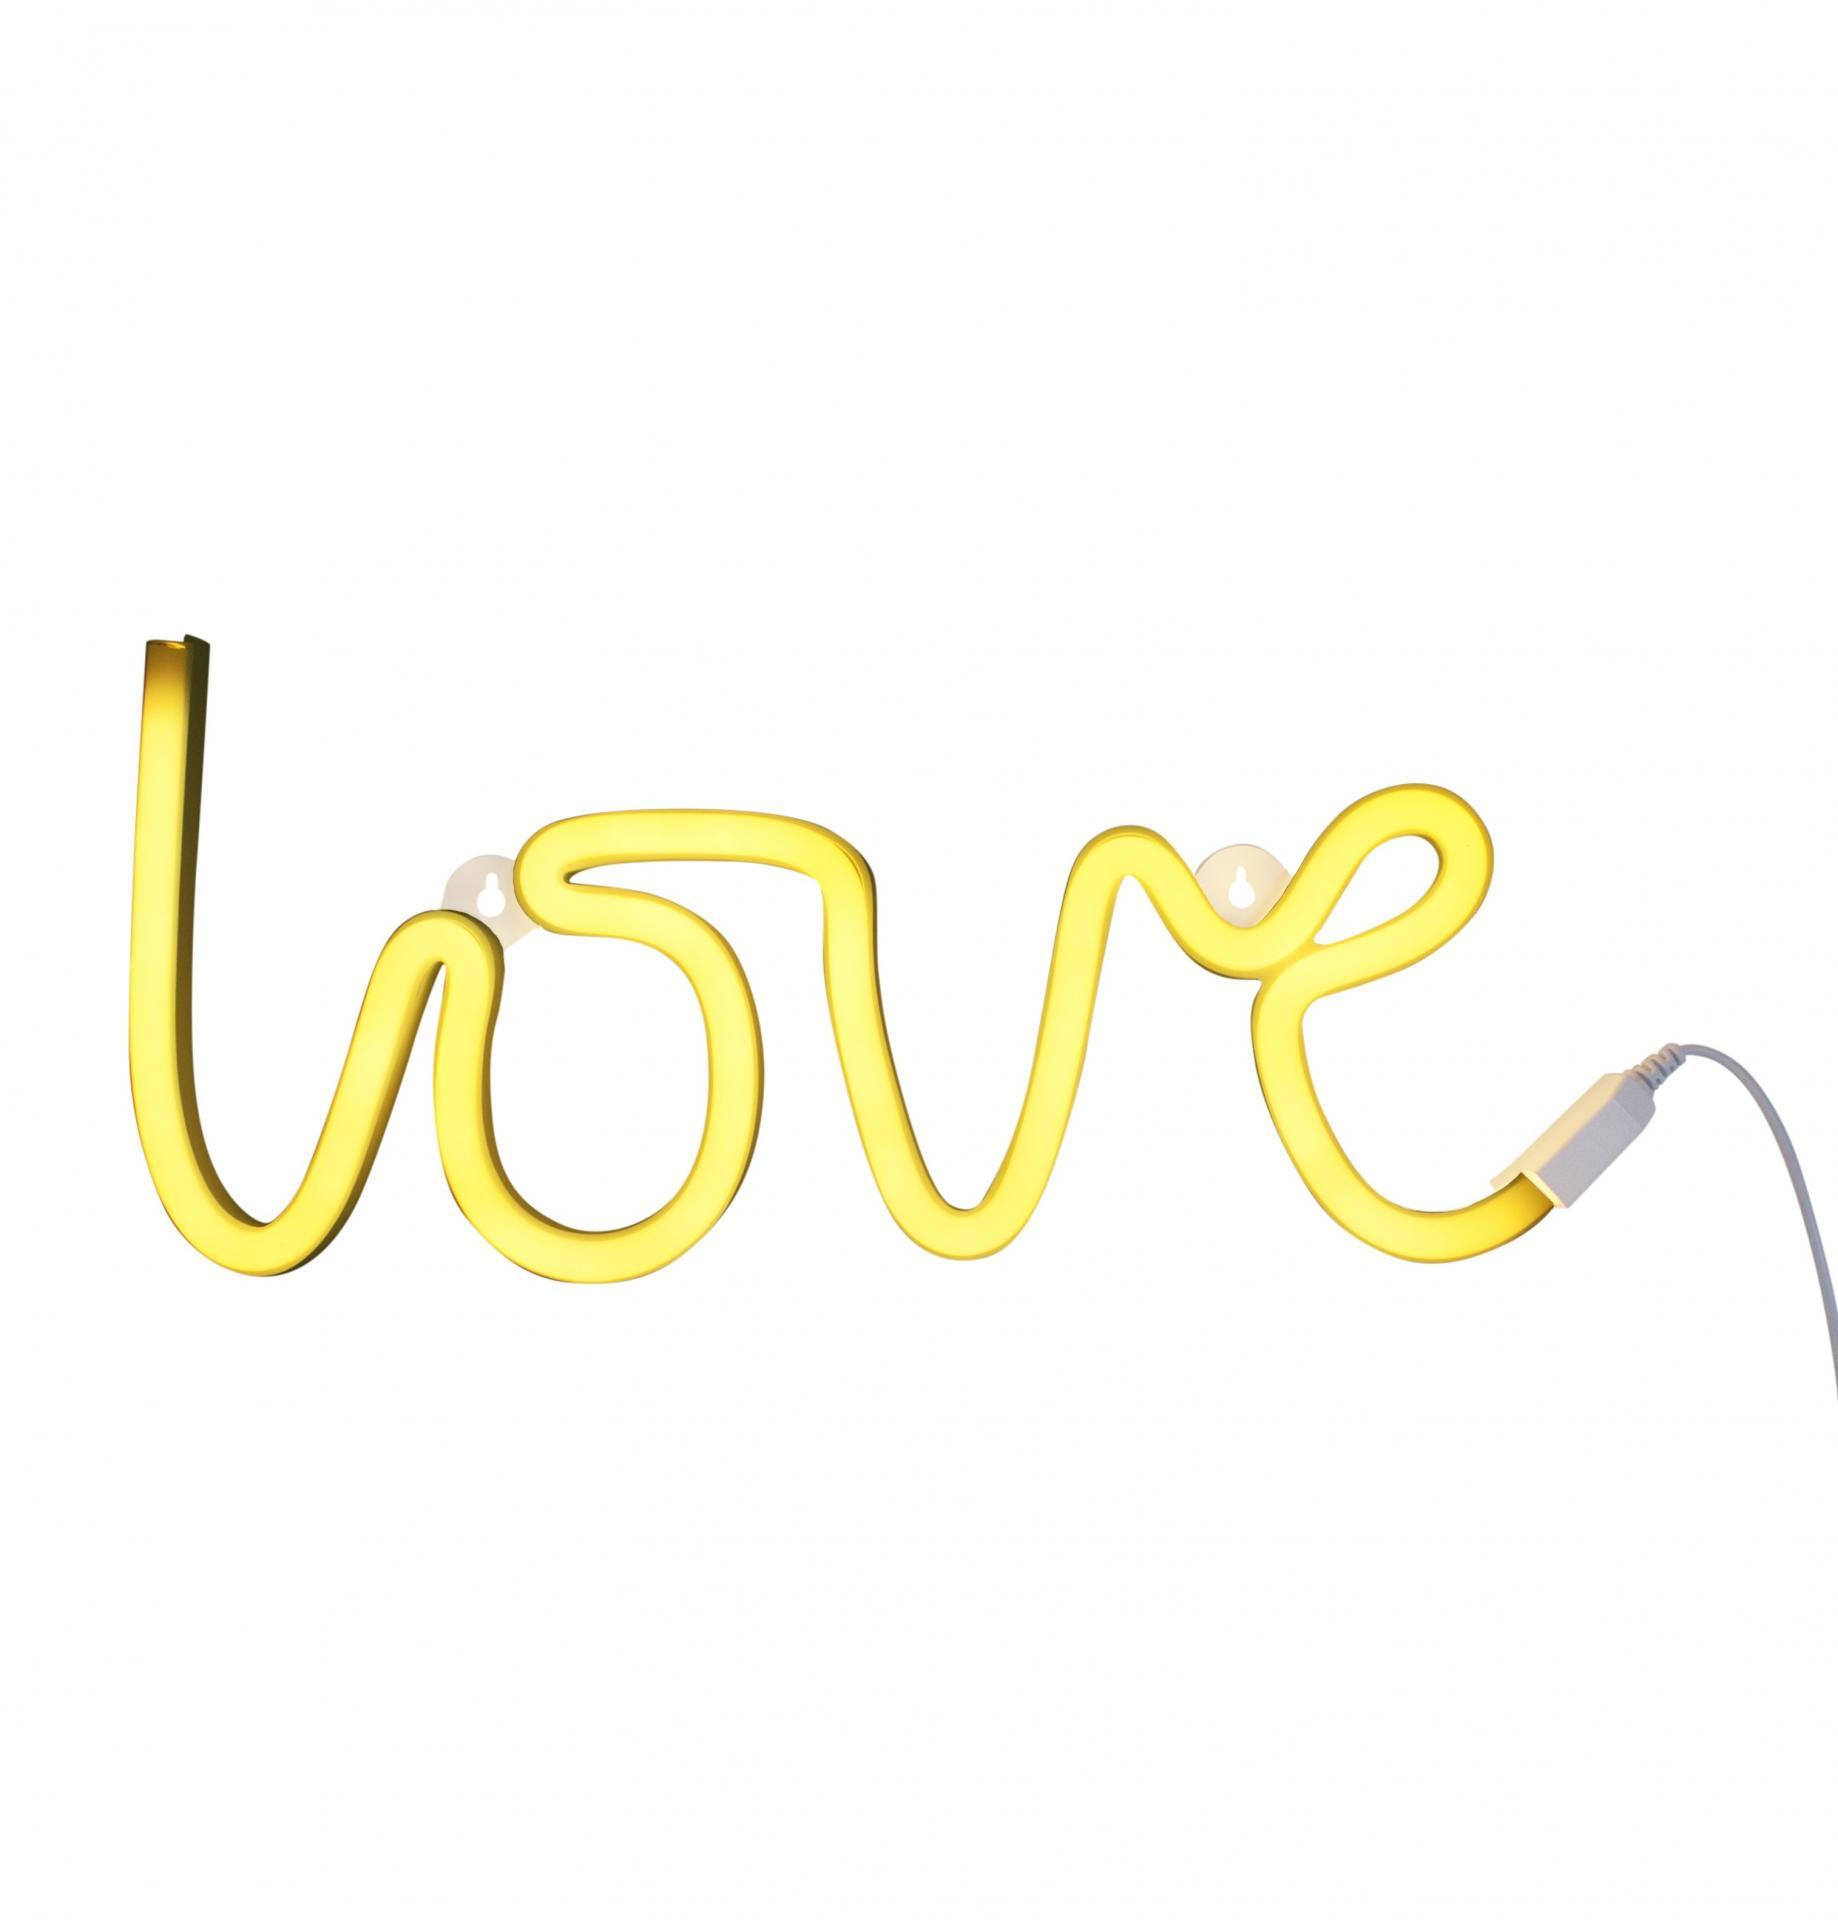 A Little Lovely Company Neonové LED světlo Love Yellow, žlutá barva, plast